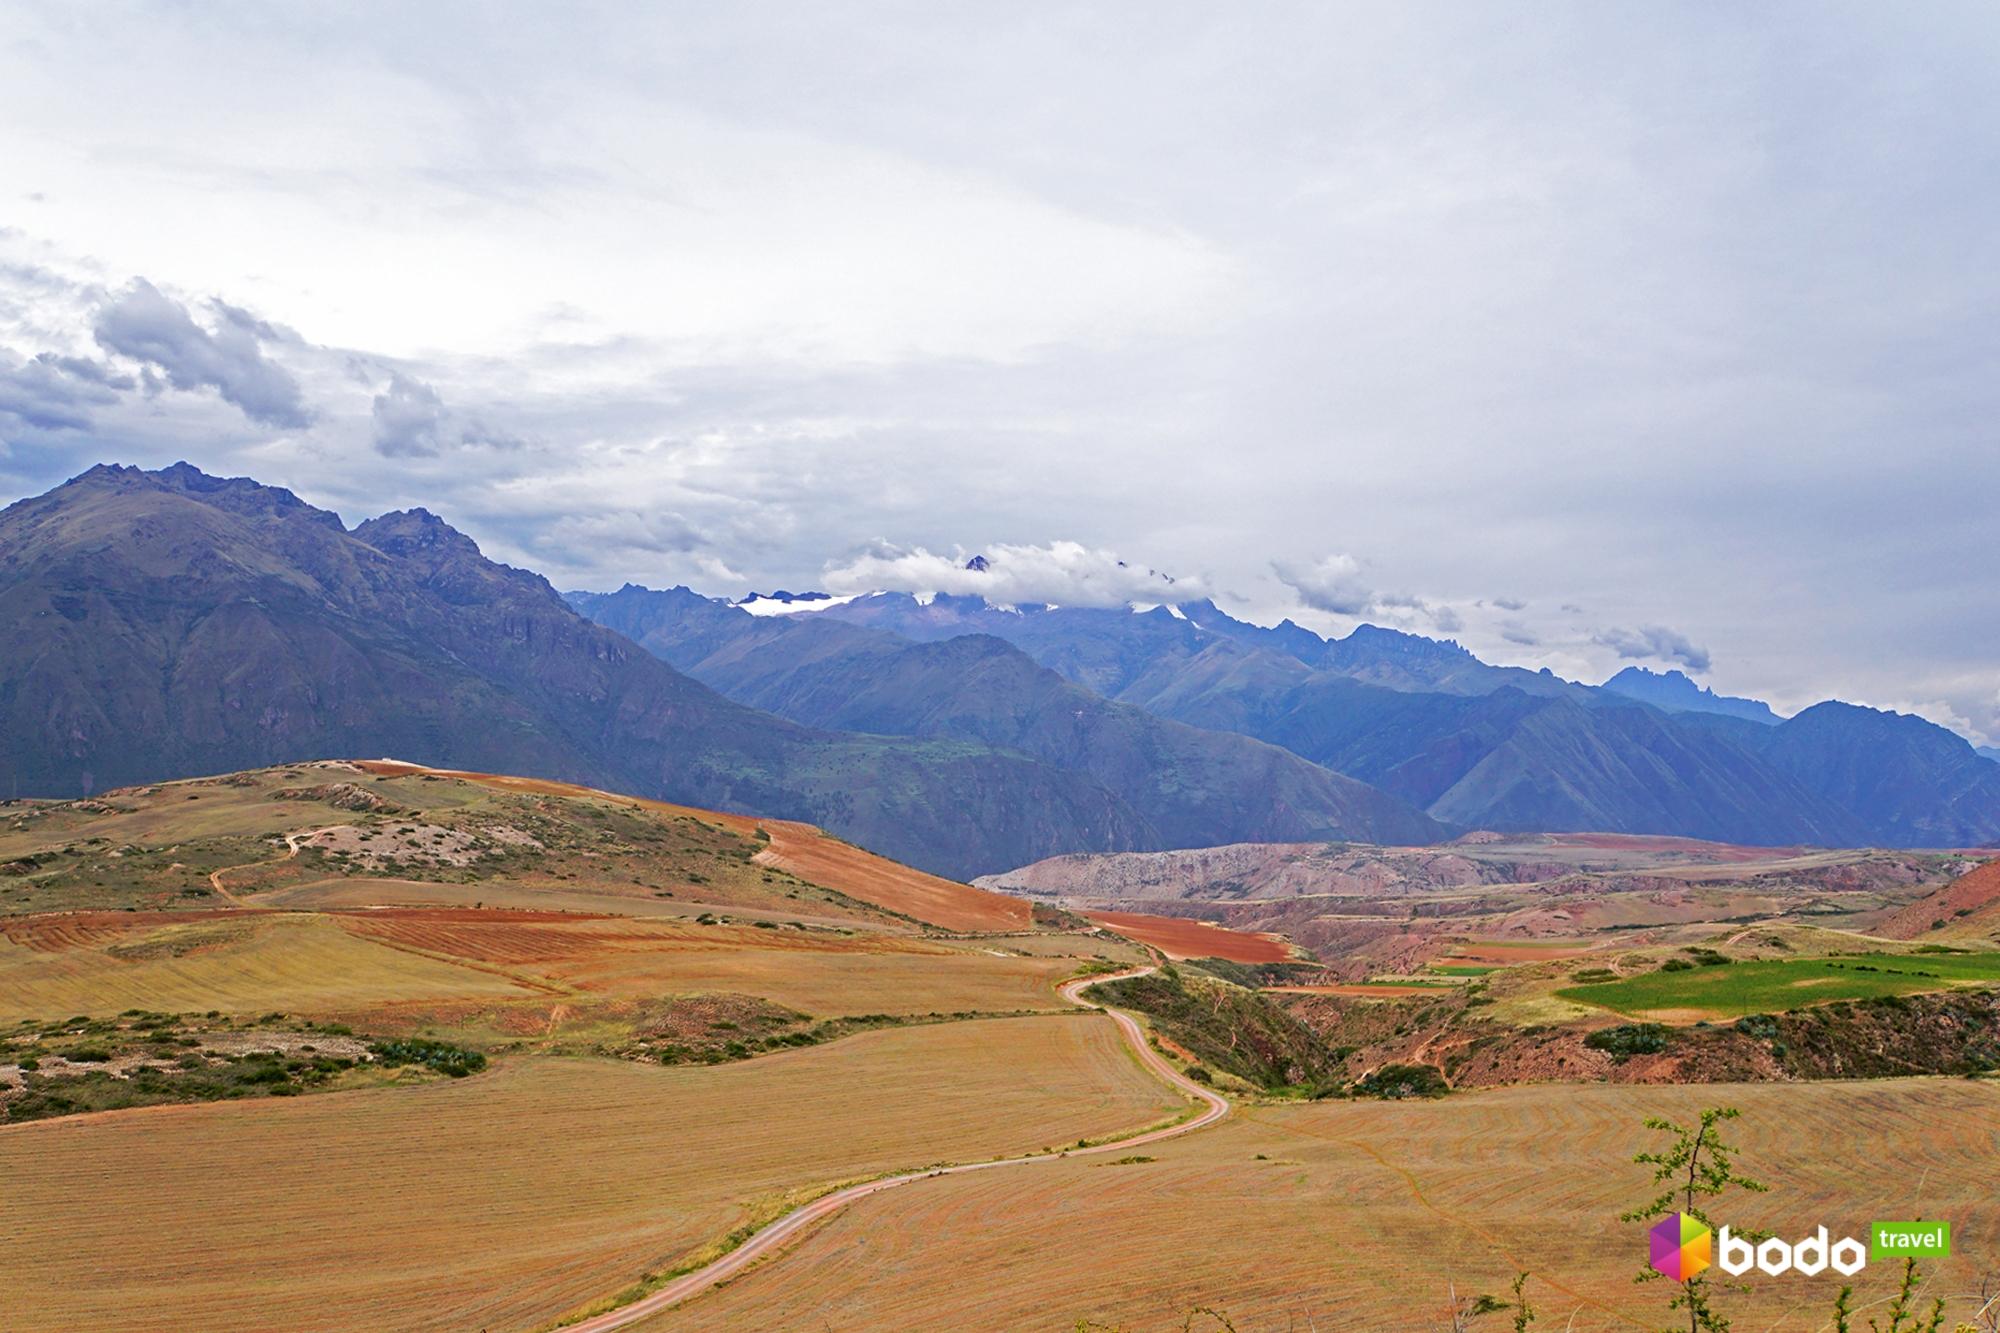 Что делать в Перу и Боливии: подъем в облака, плавучие острова и морские свинки на обед Что делать в Перу и Боливии: подъем в облака, плавучие острова и морские свинки на обед Foto 1